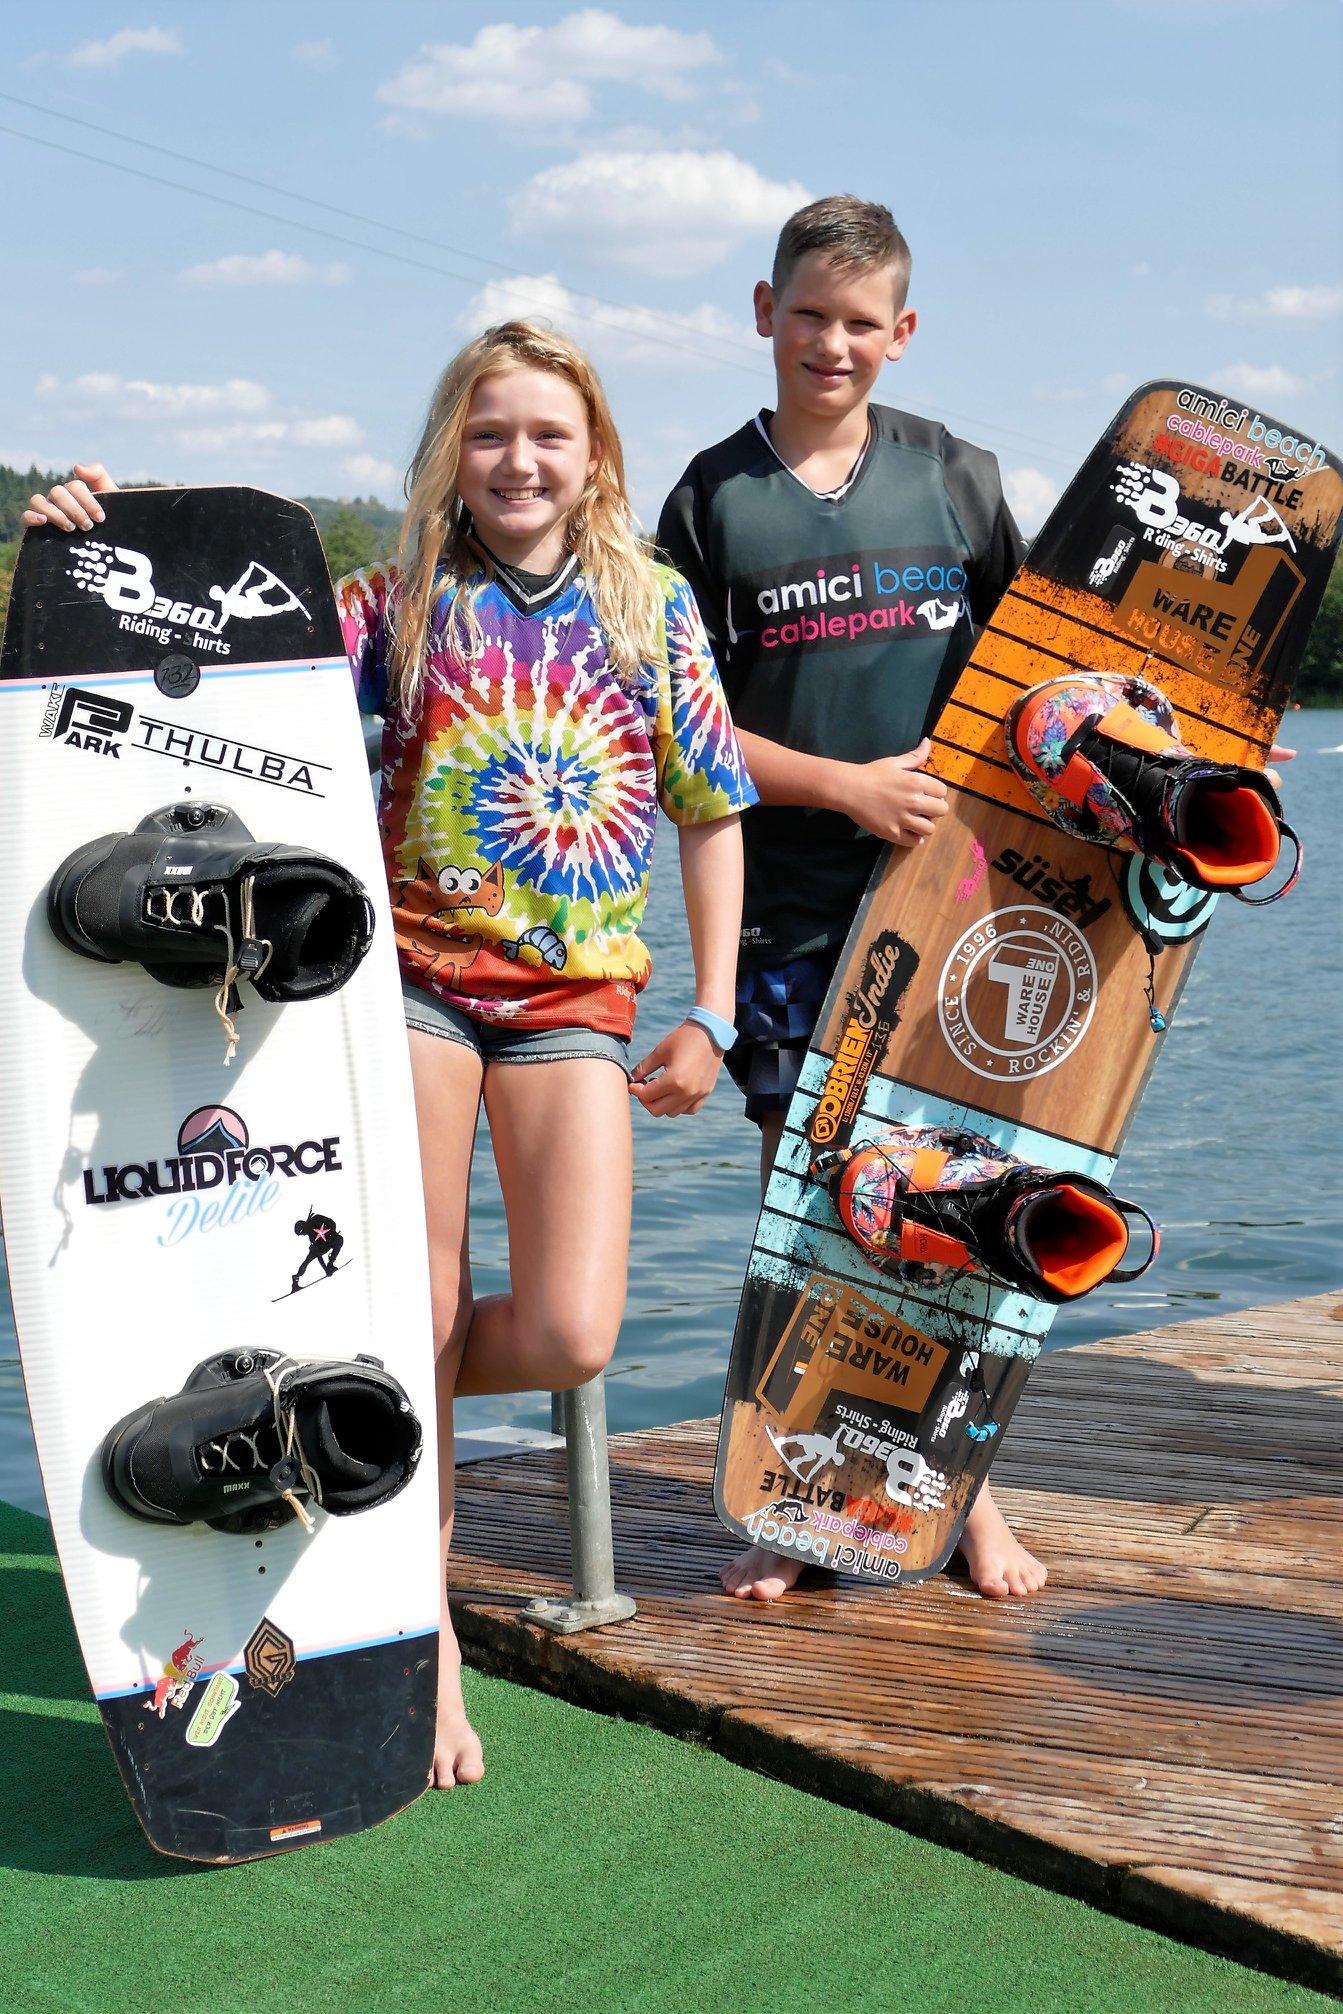 Alessia Klingenbrunn und Lenny Kyek #TeamfahrerB360 #TeamB360 #stylischüberderwestetragen #neverridewithoutB360